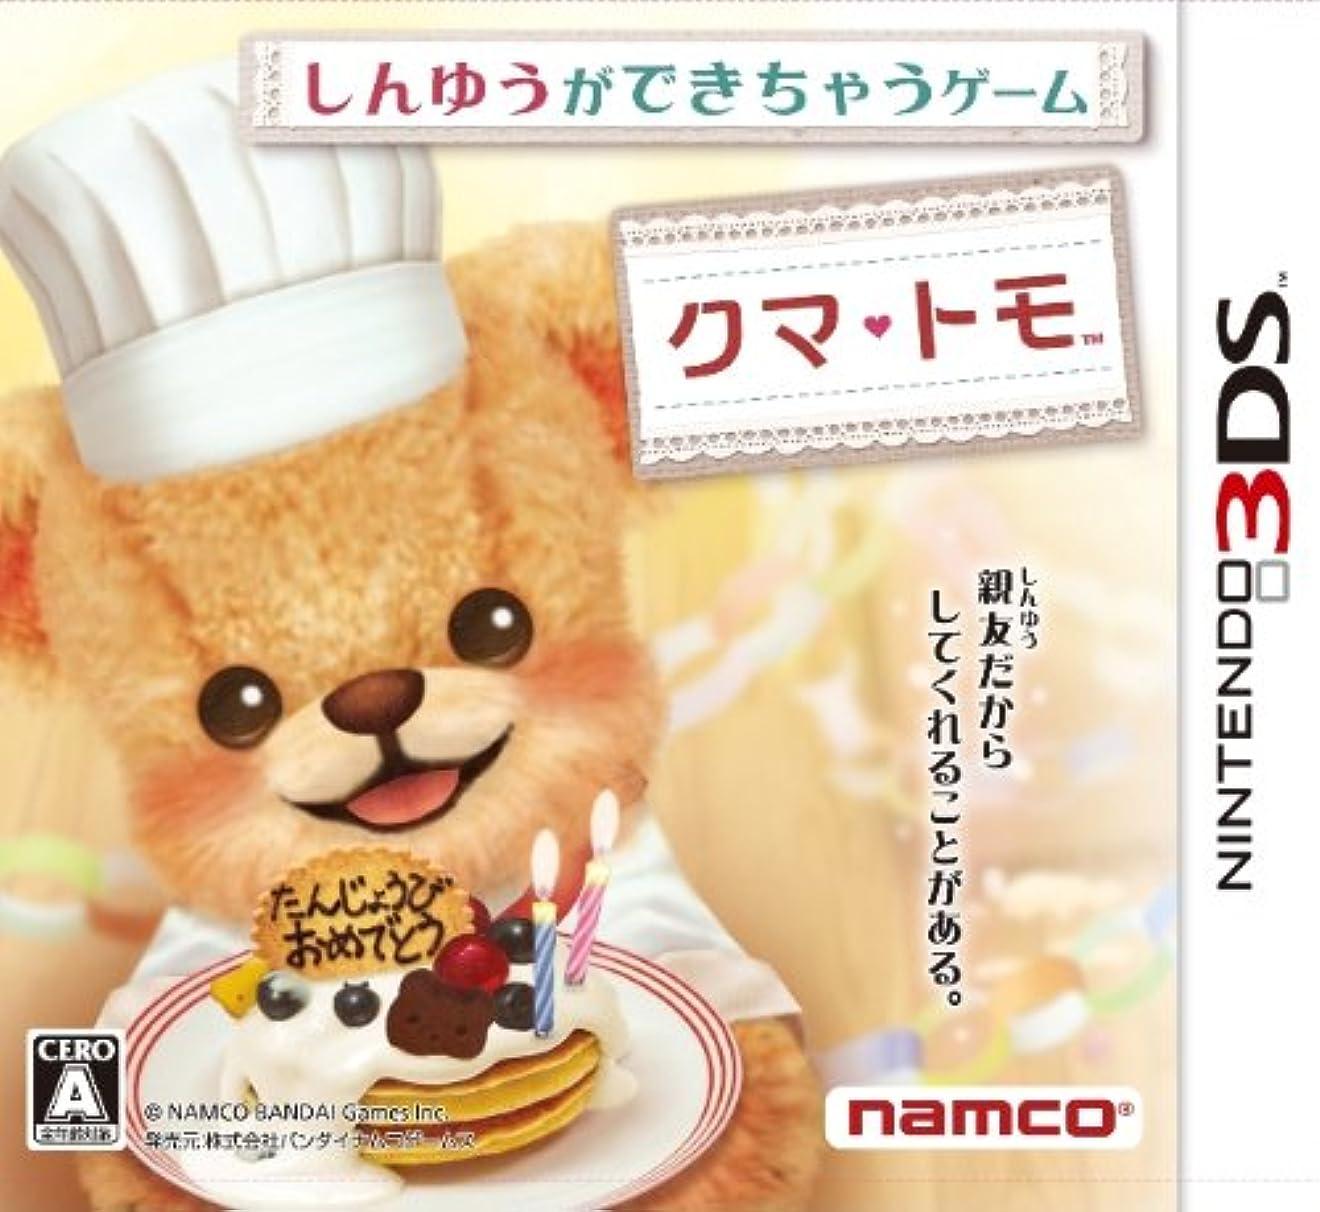 慈悲深い遺産本質的ではないクマ?トモ - 3DS